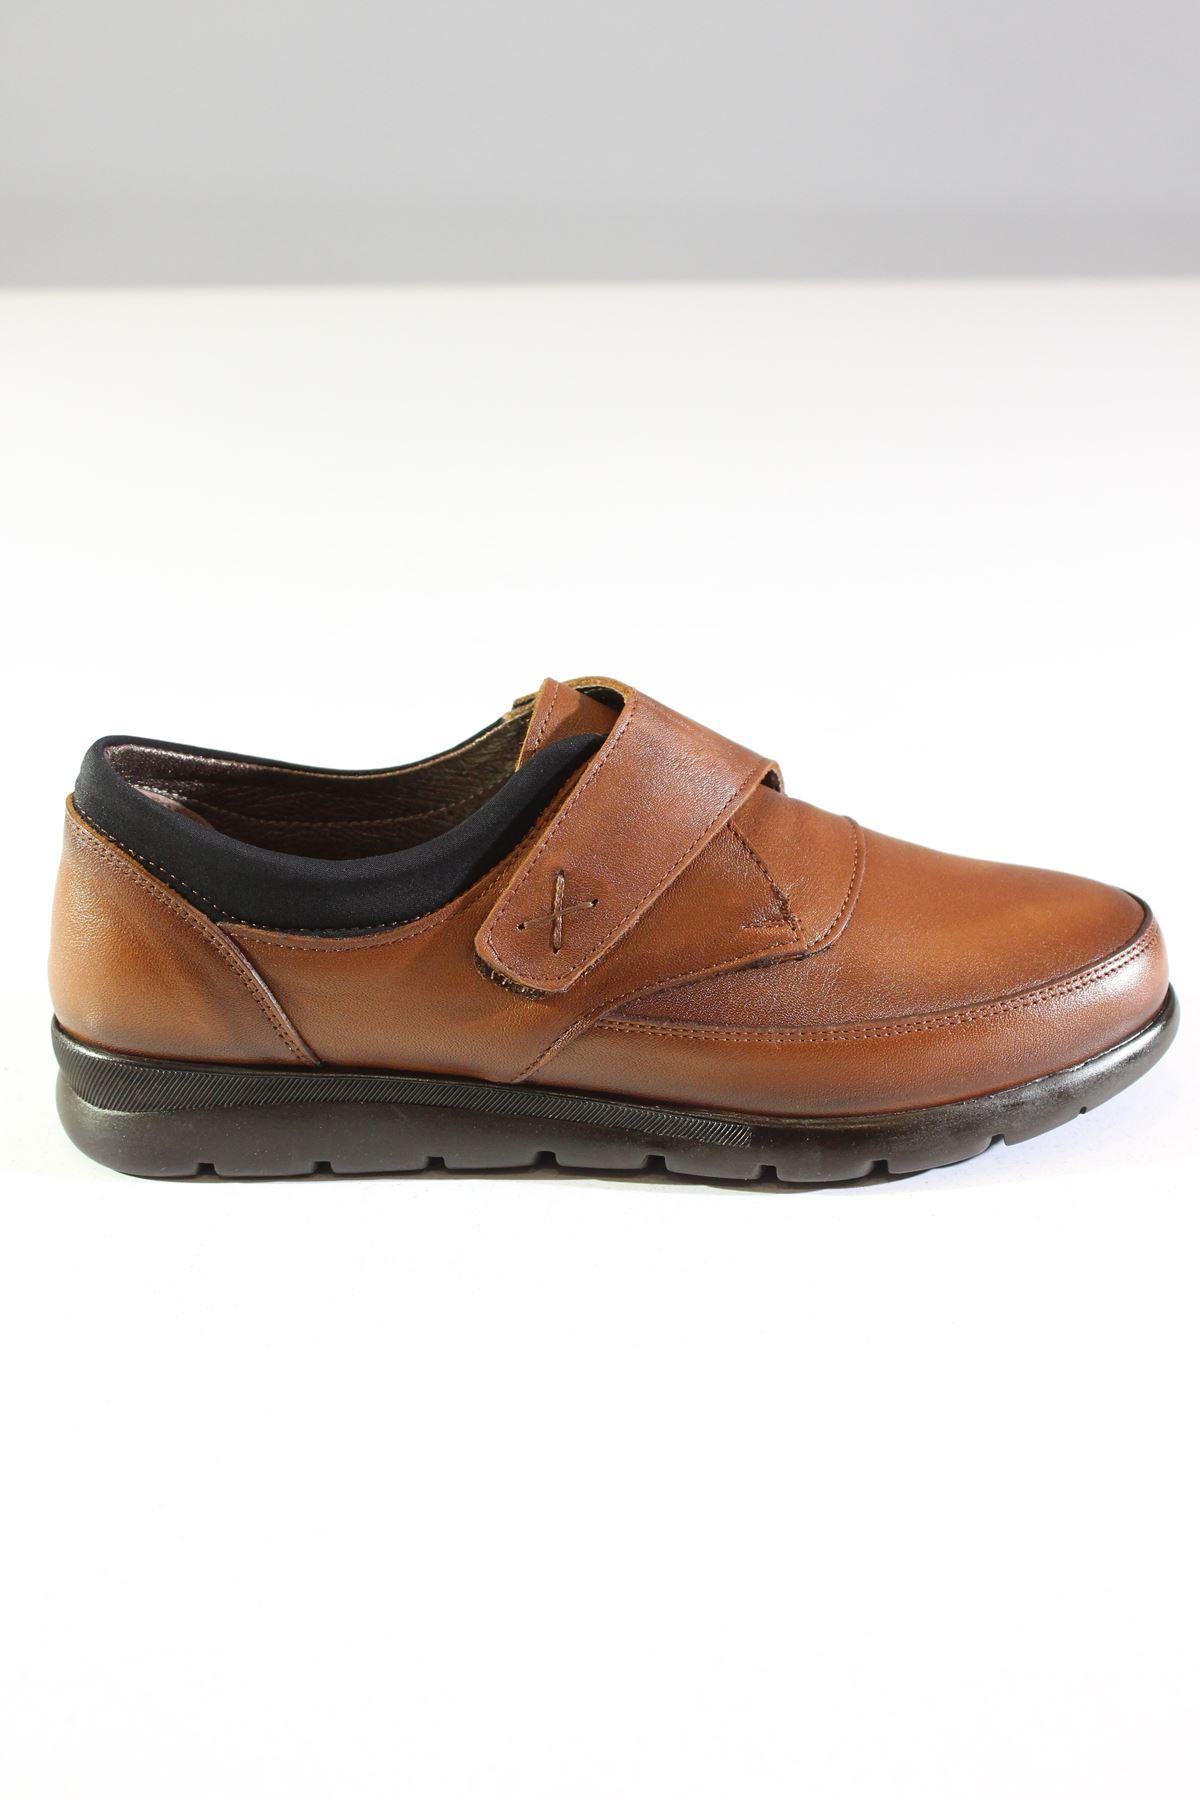 İloz  660710 Taba Ortapedik Kadın Ayakkabı